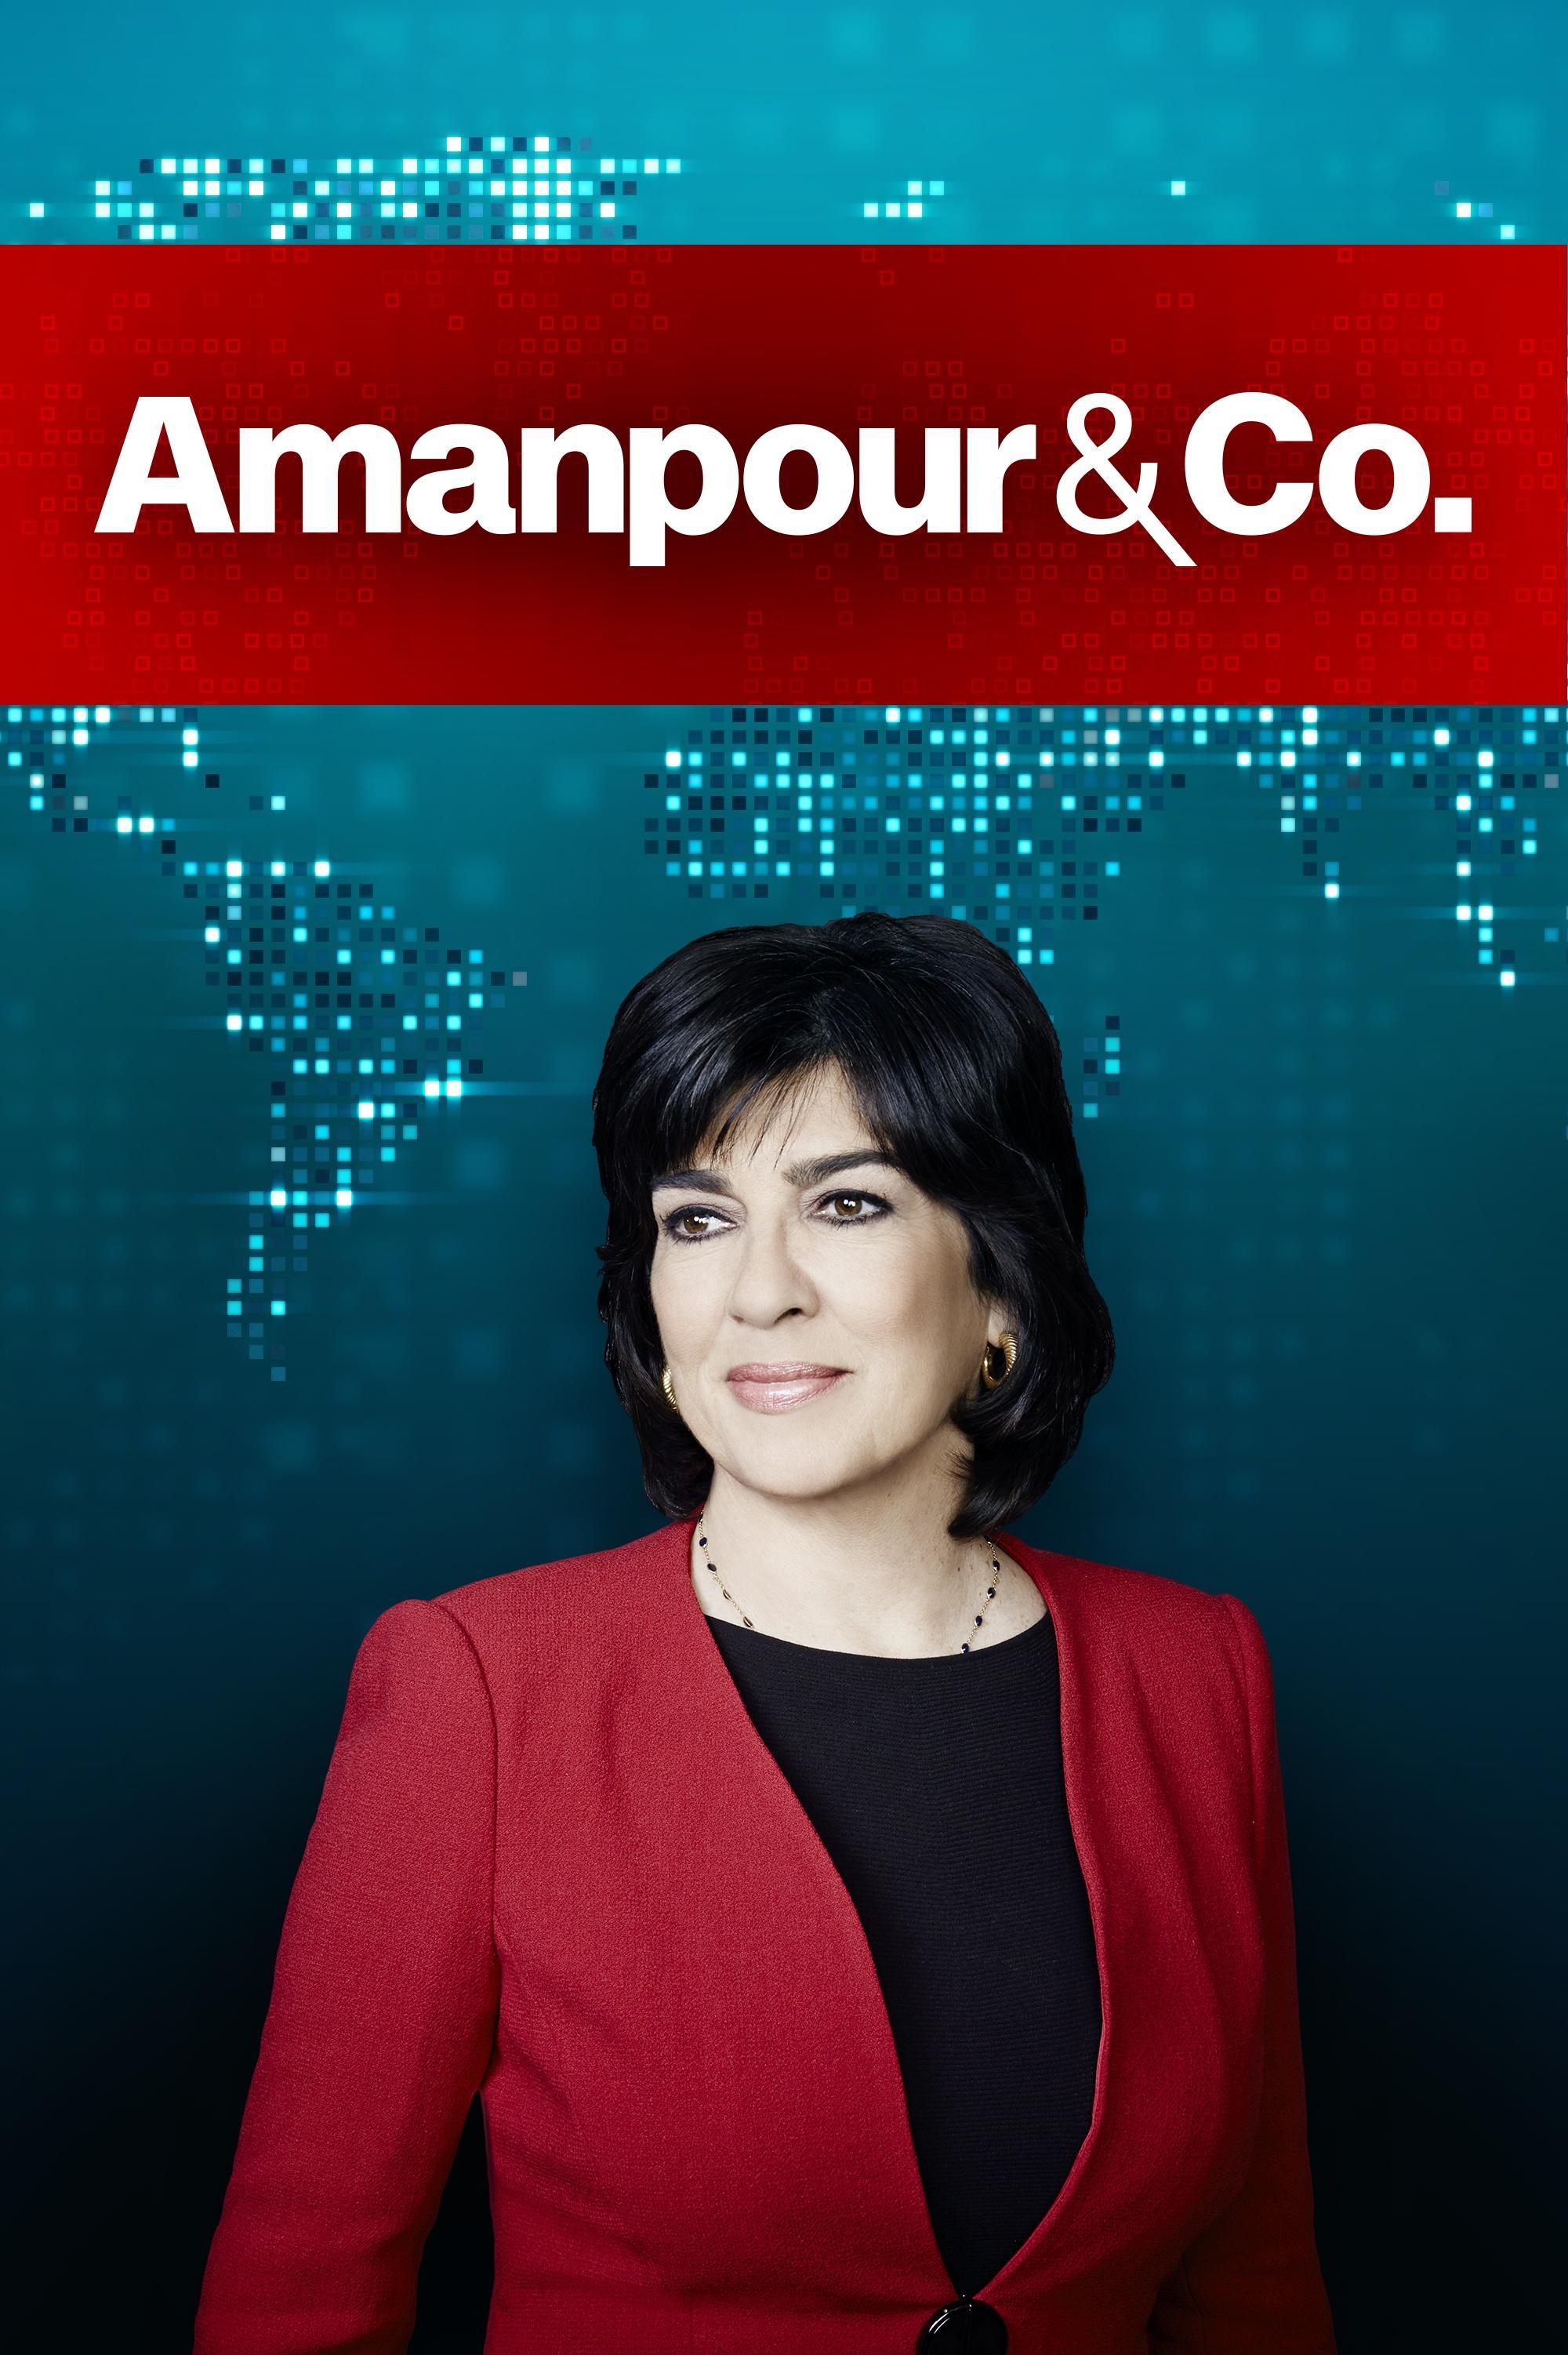 Amanpour & Co.